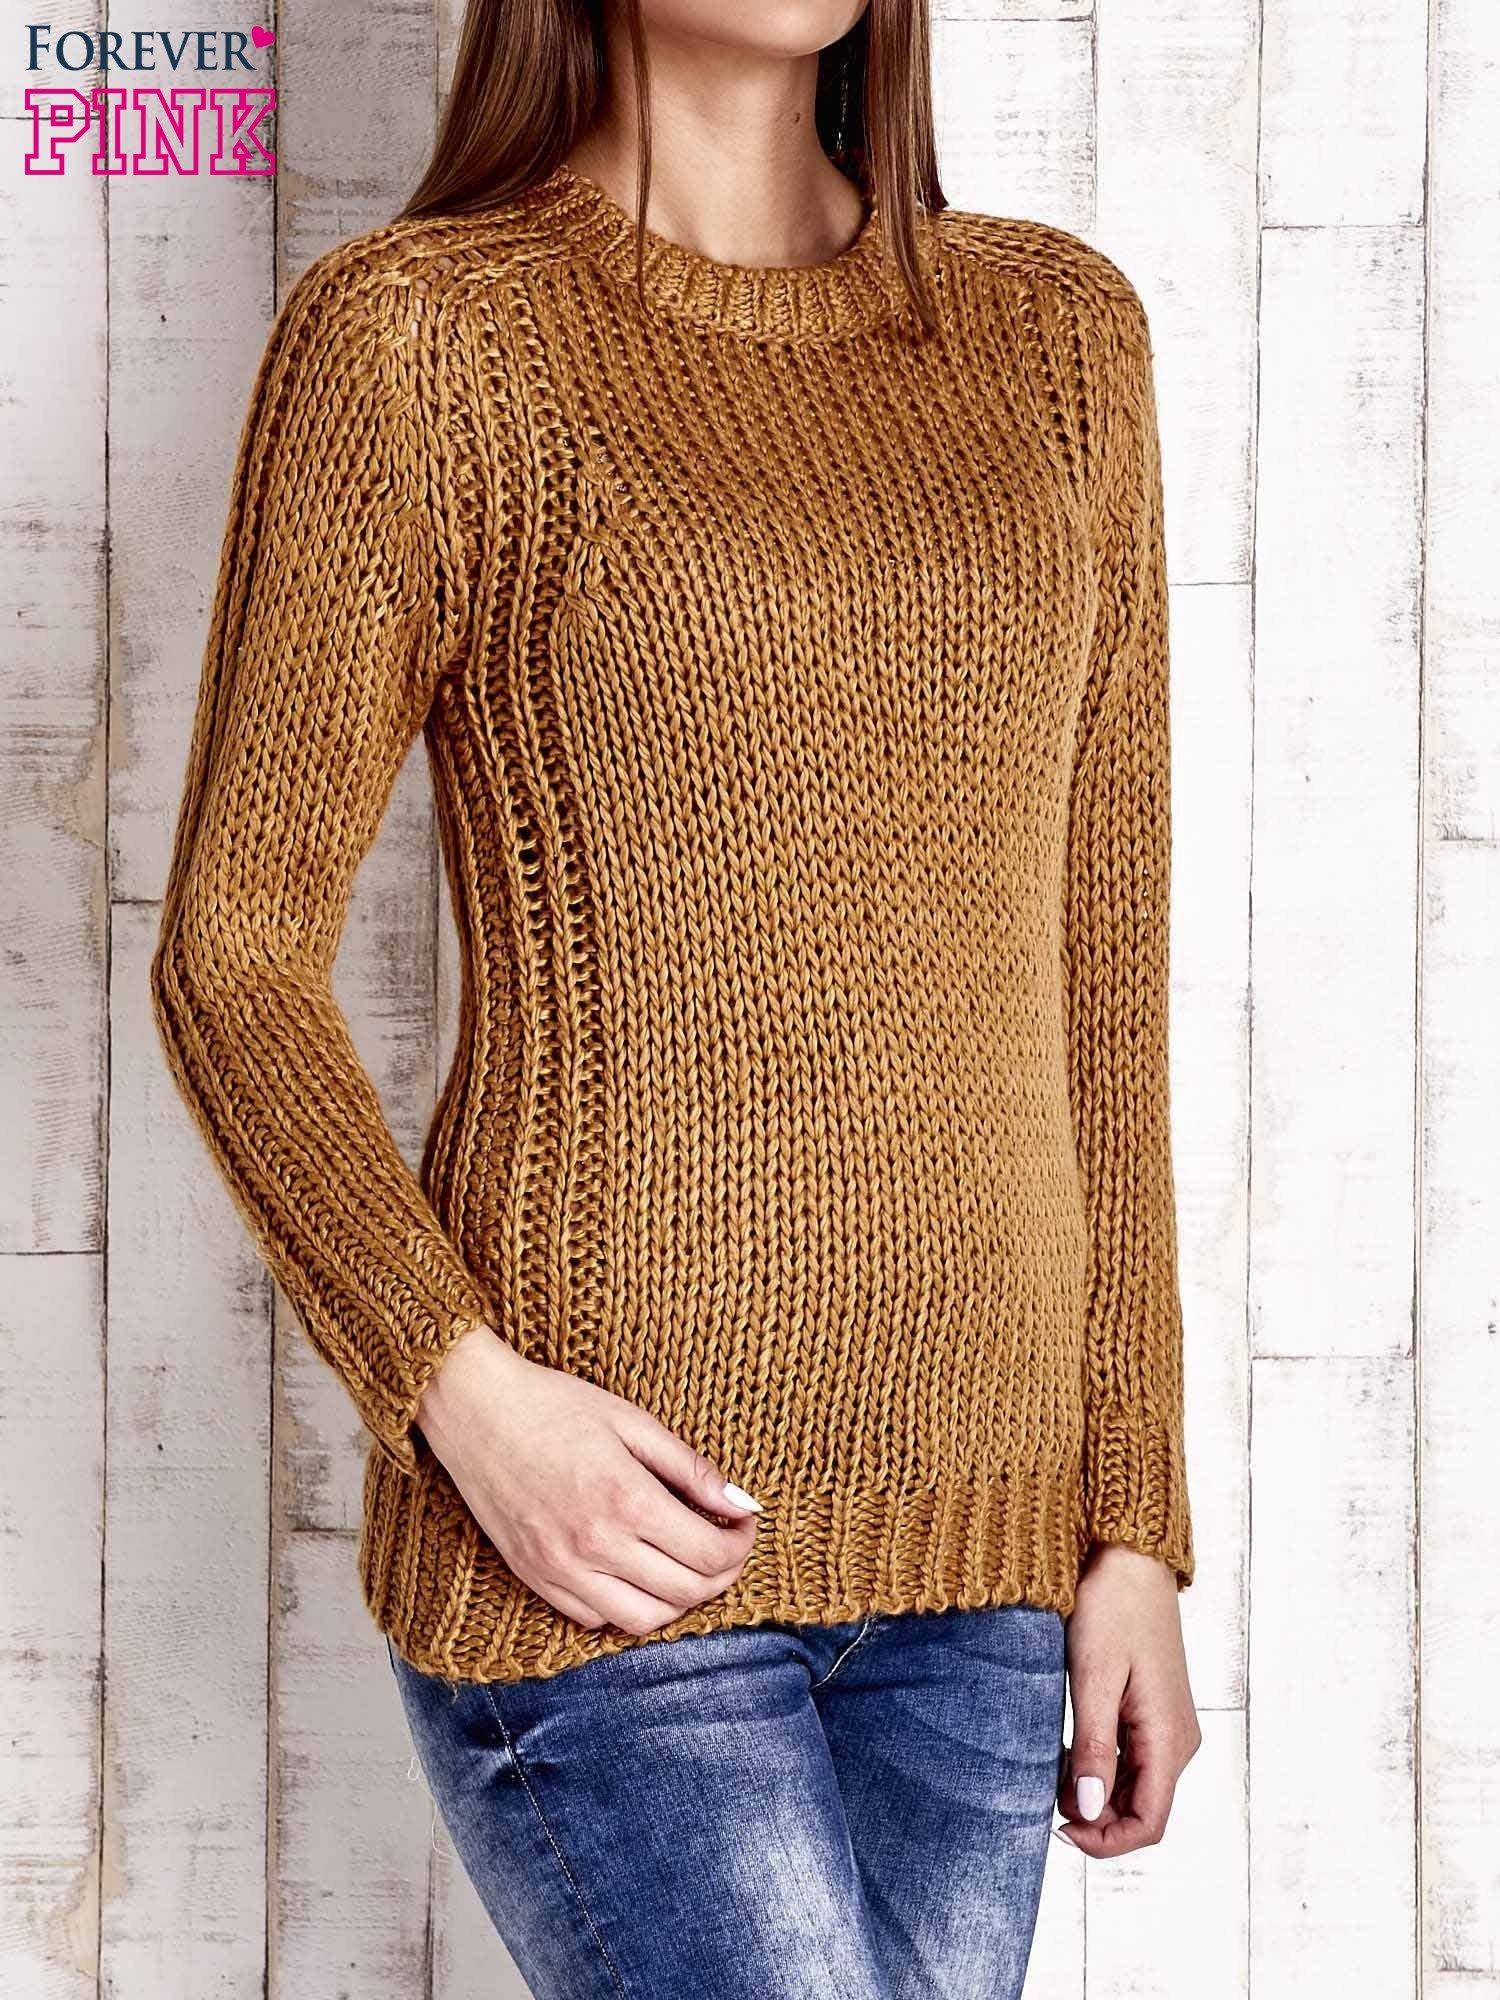 Brązowy dzianinowy sweter o szerokim splocie                                  zdj.                                  3